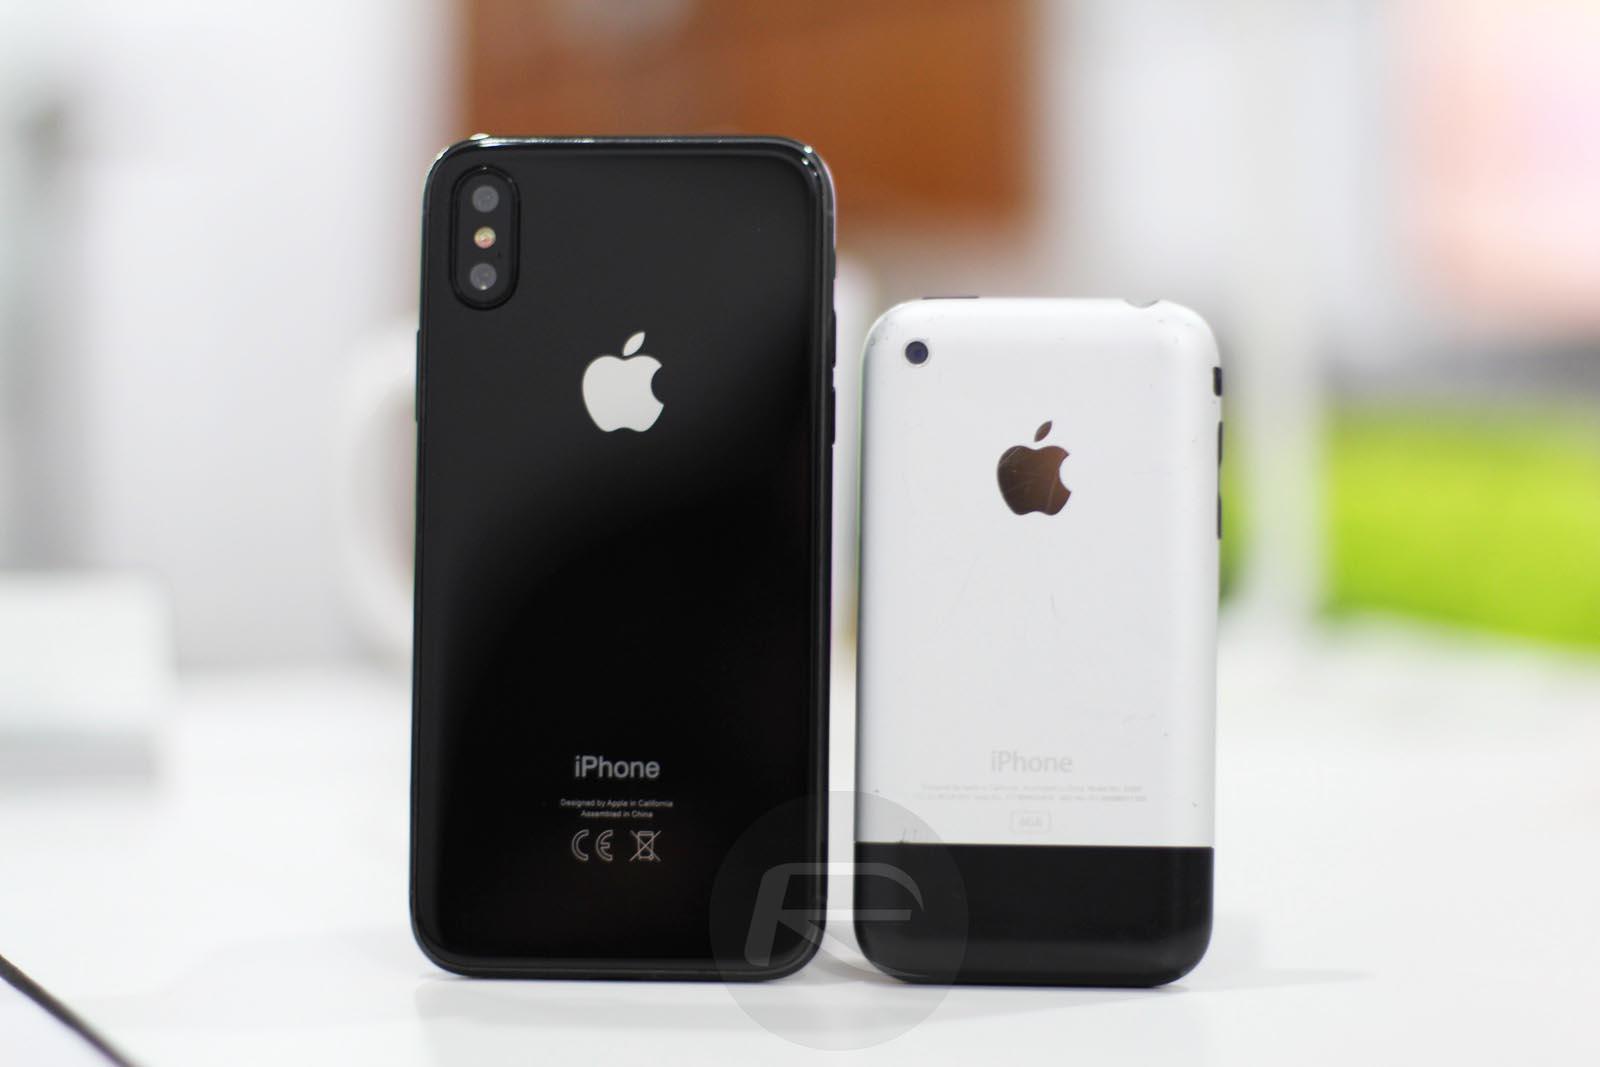 iPhone X comparaison